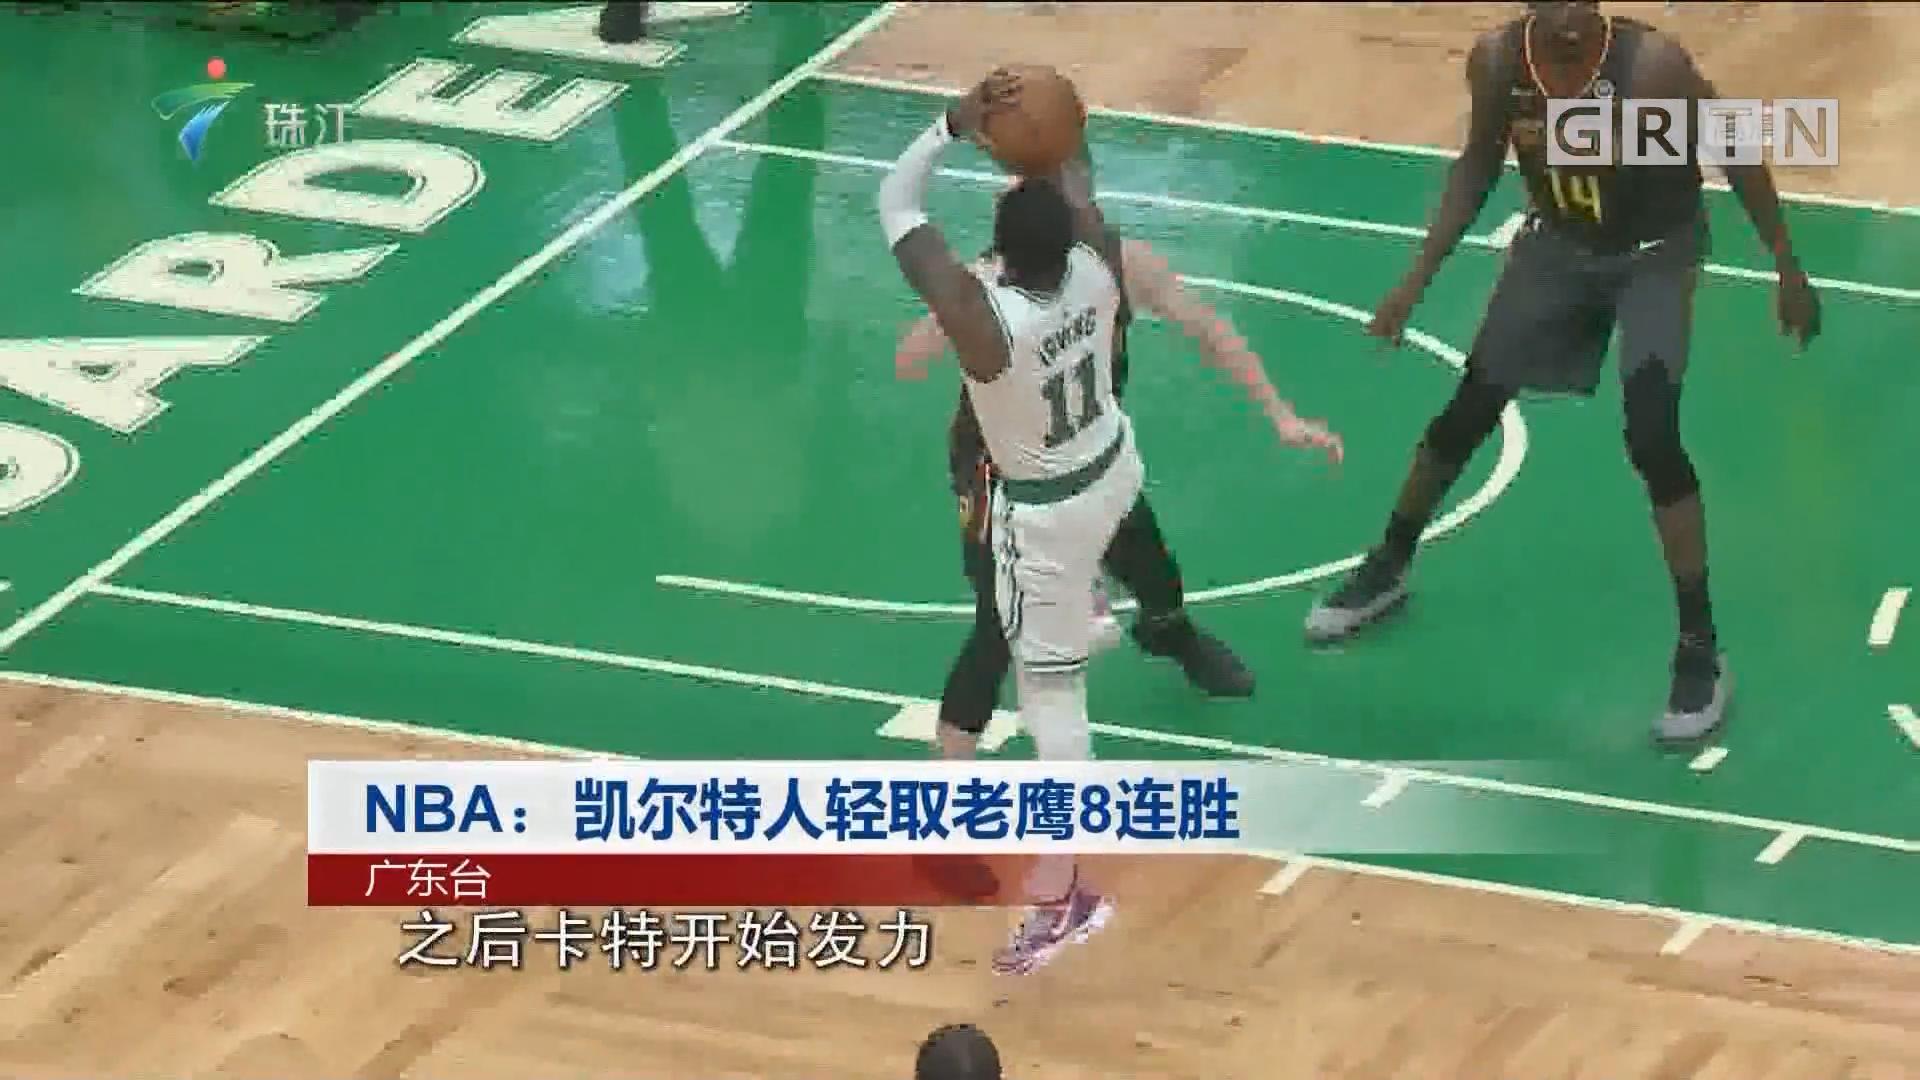 NBA:凯尔特人轻取老鹰8连胜